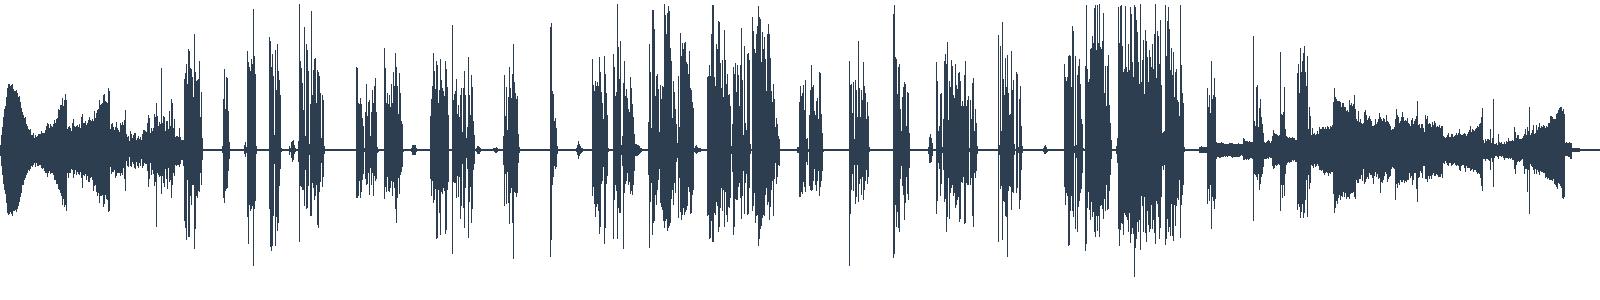 Mimo dosah - ukázka z audioknihy waveform